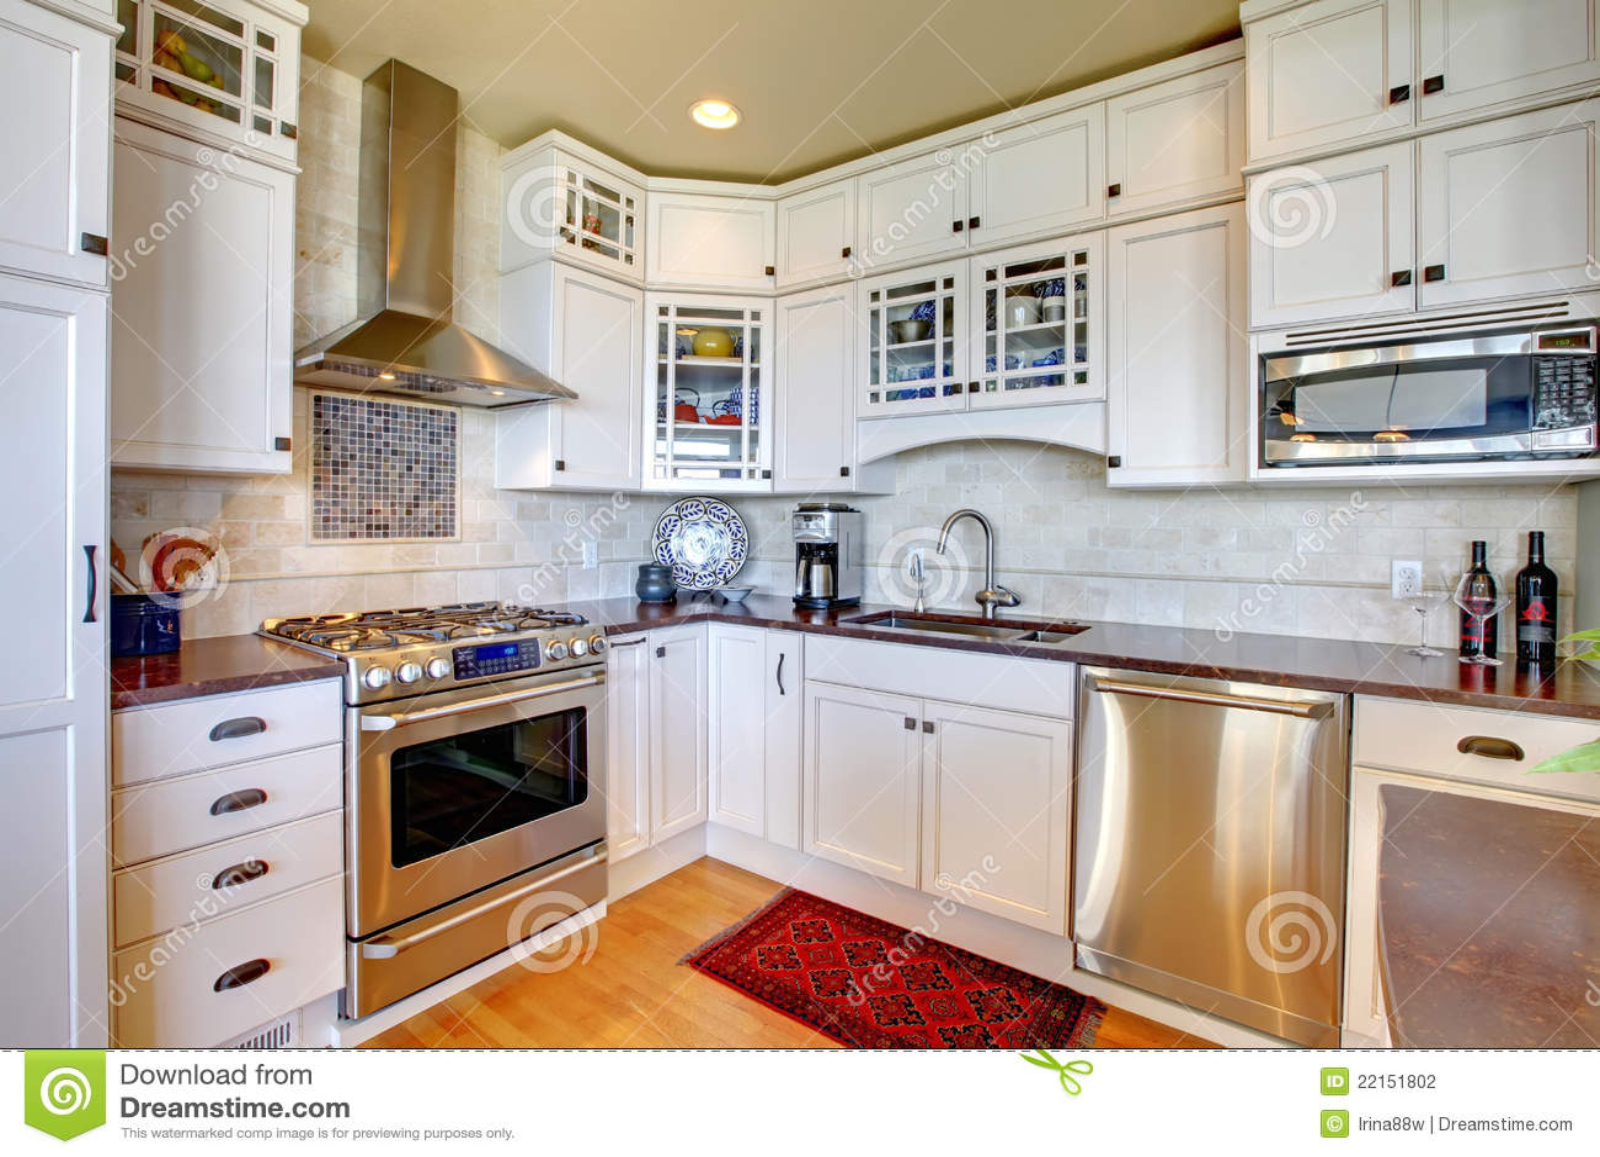 cuisine de luxe neuve blanche avec les appareils modernes photographie stock image 22151802. Black Bedroom Furniture Sets. Home Design Ideas